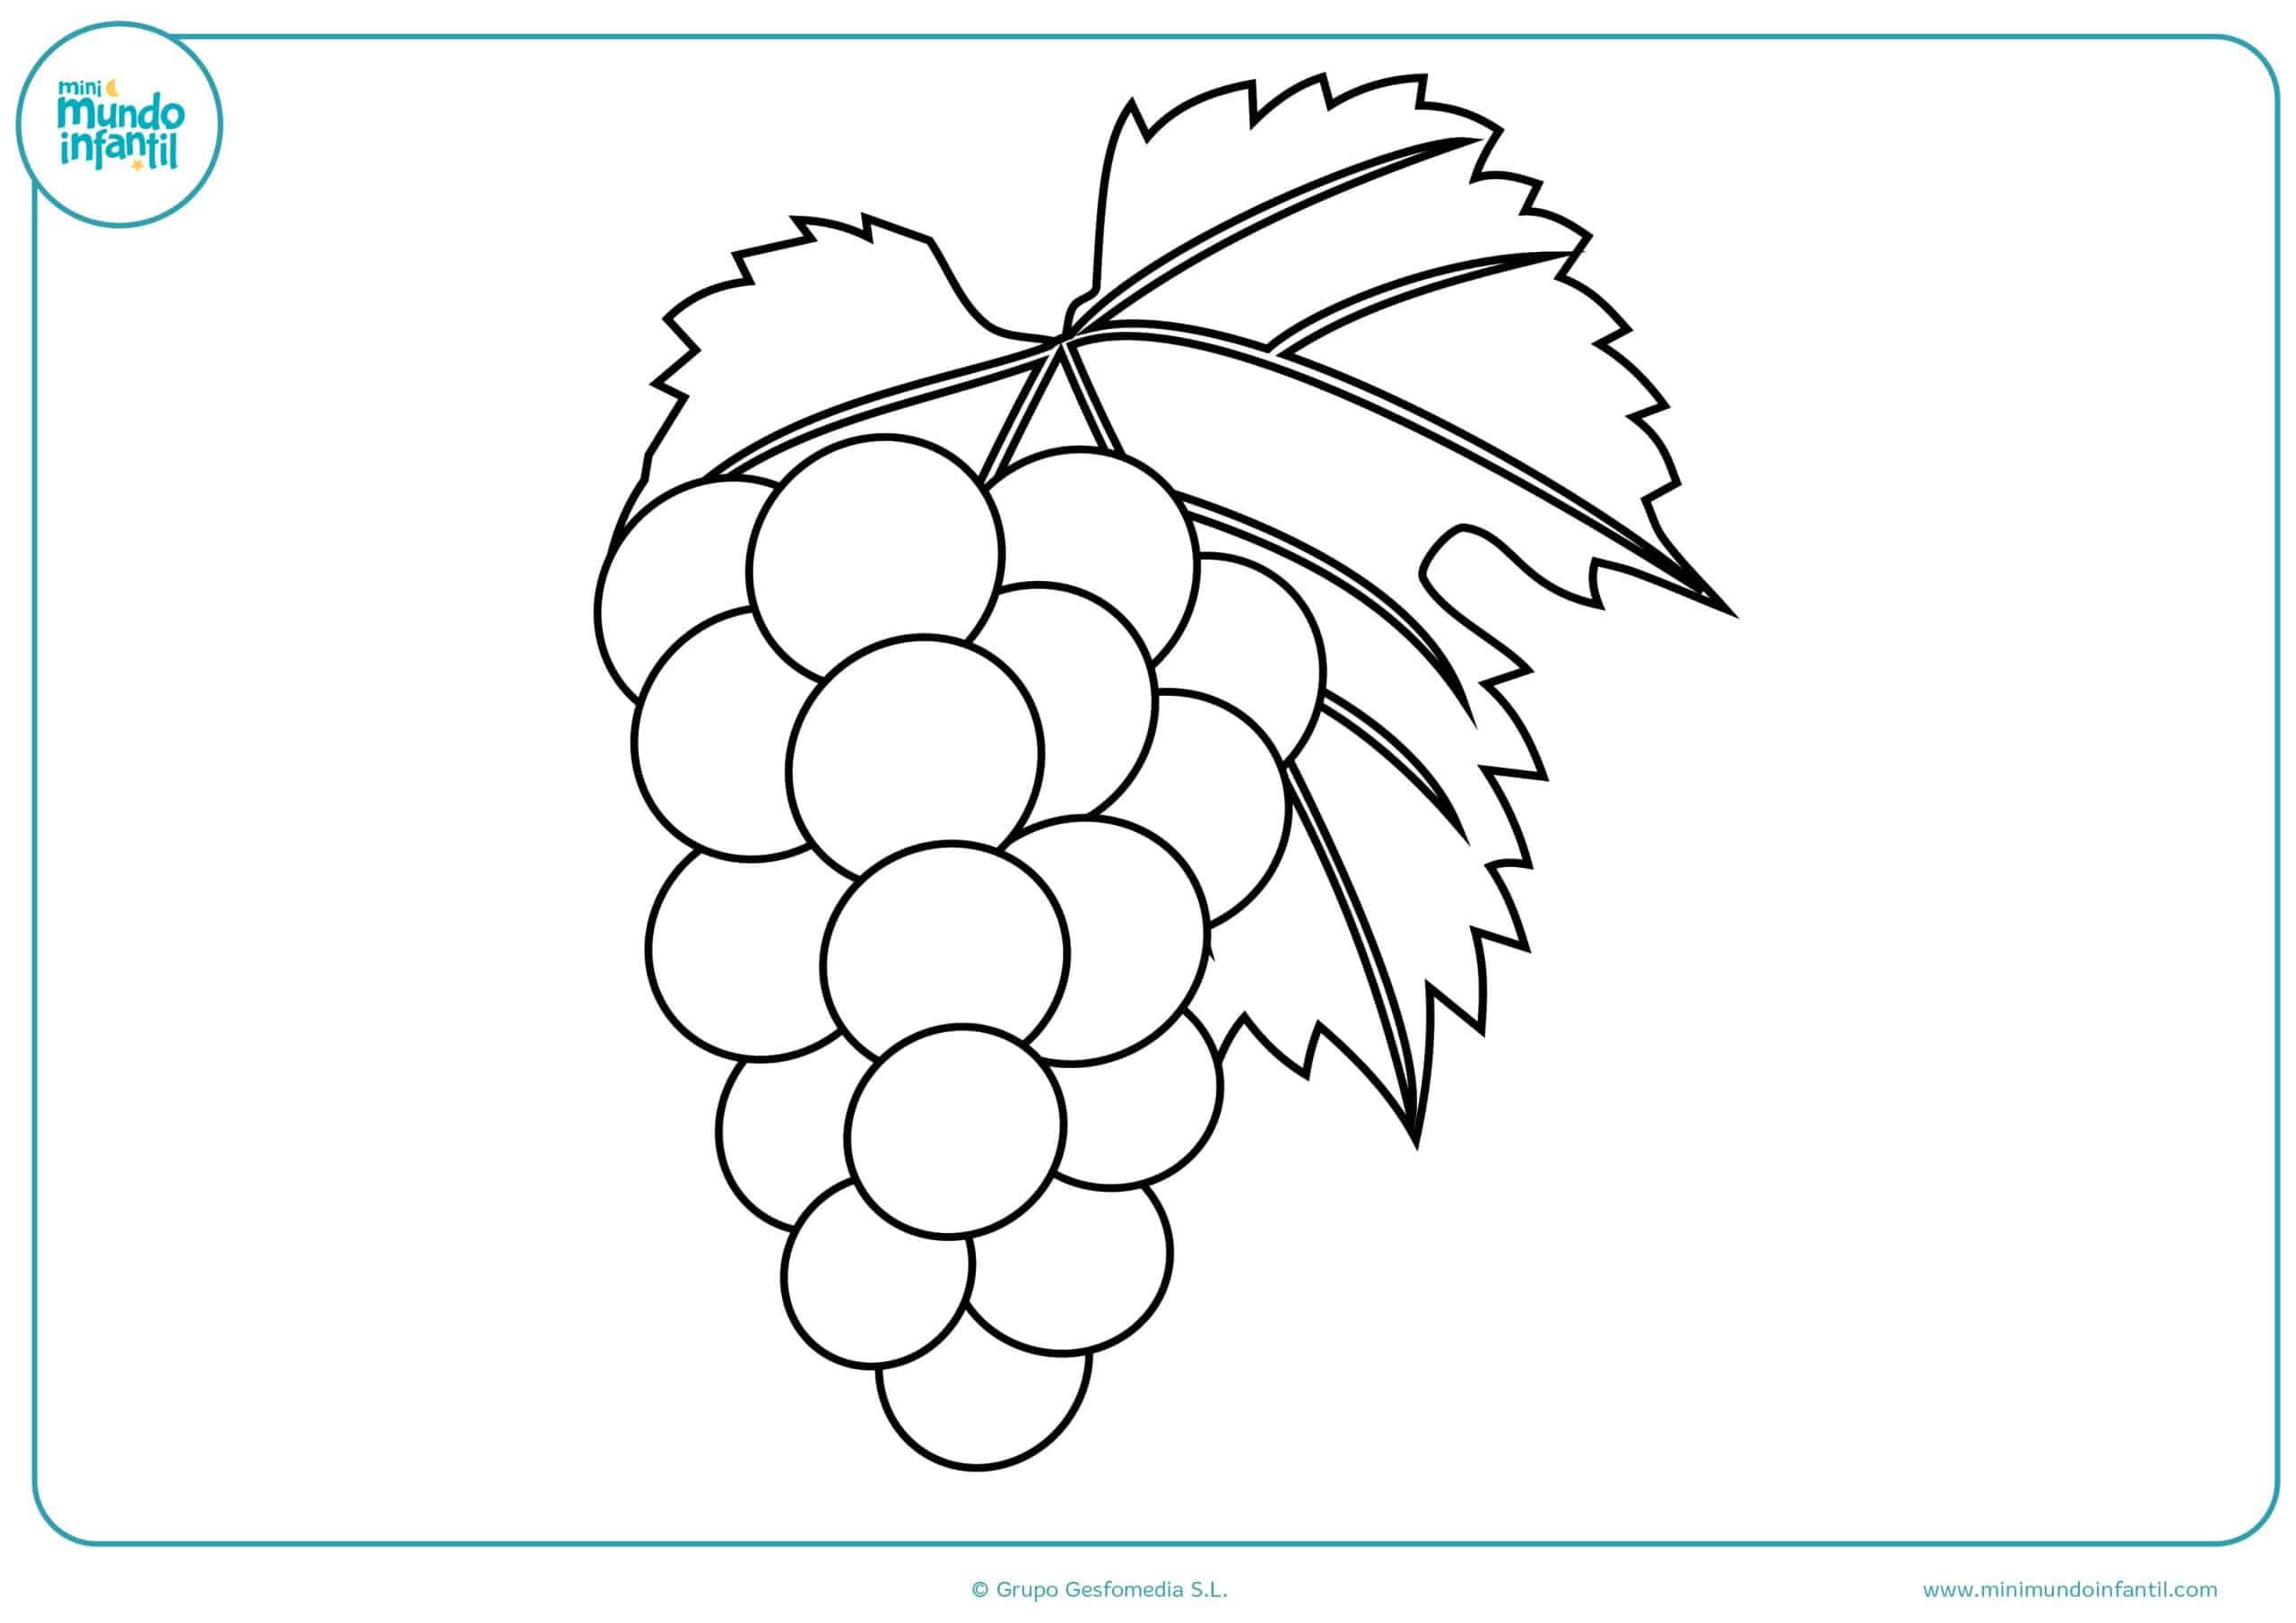 Colorear dibujos infantiles frutas